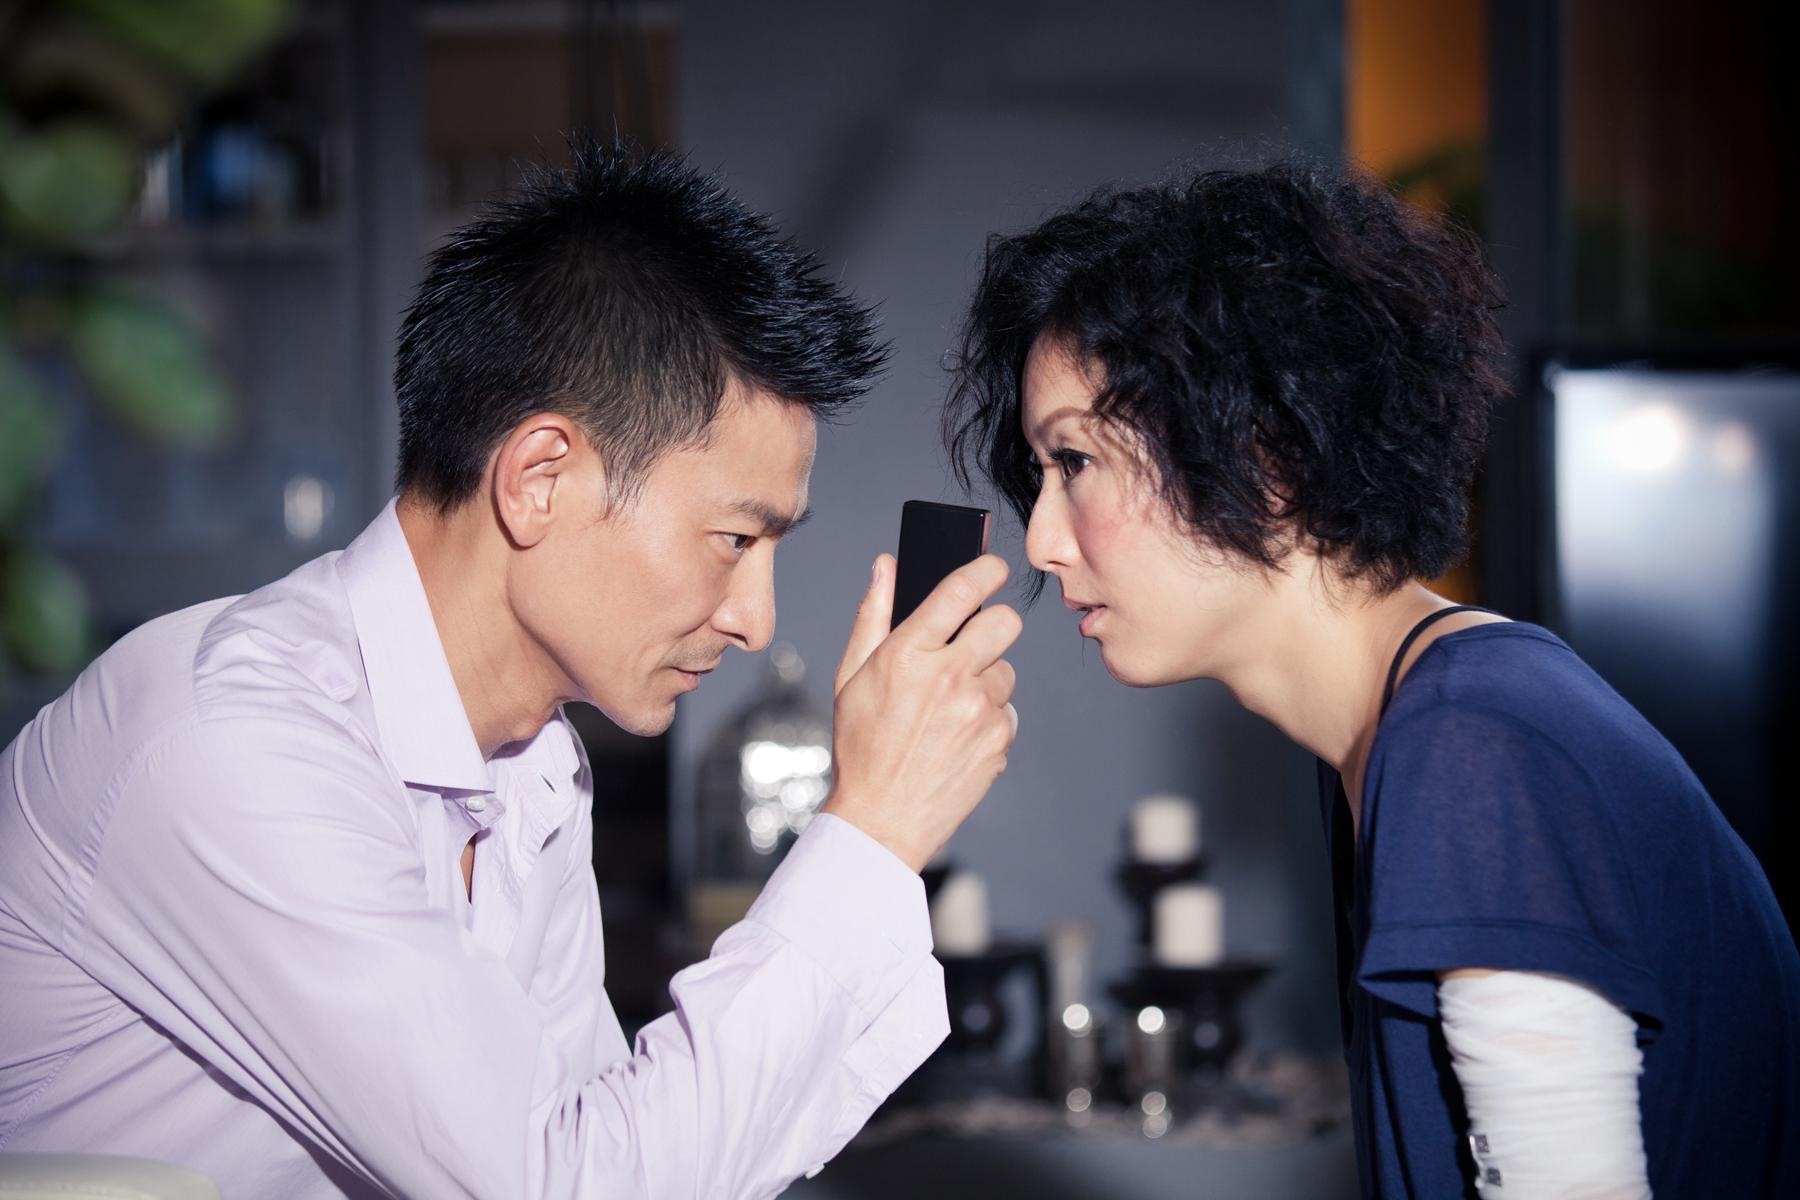 San Francisco Film Society Presents Third Annual Hong Kong Film Cinema October 4 – 6